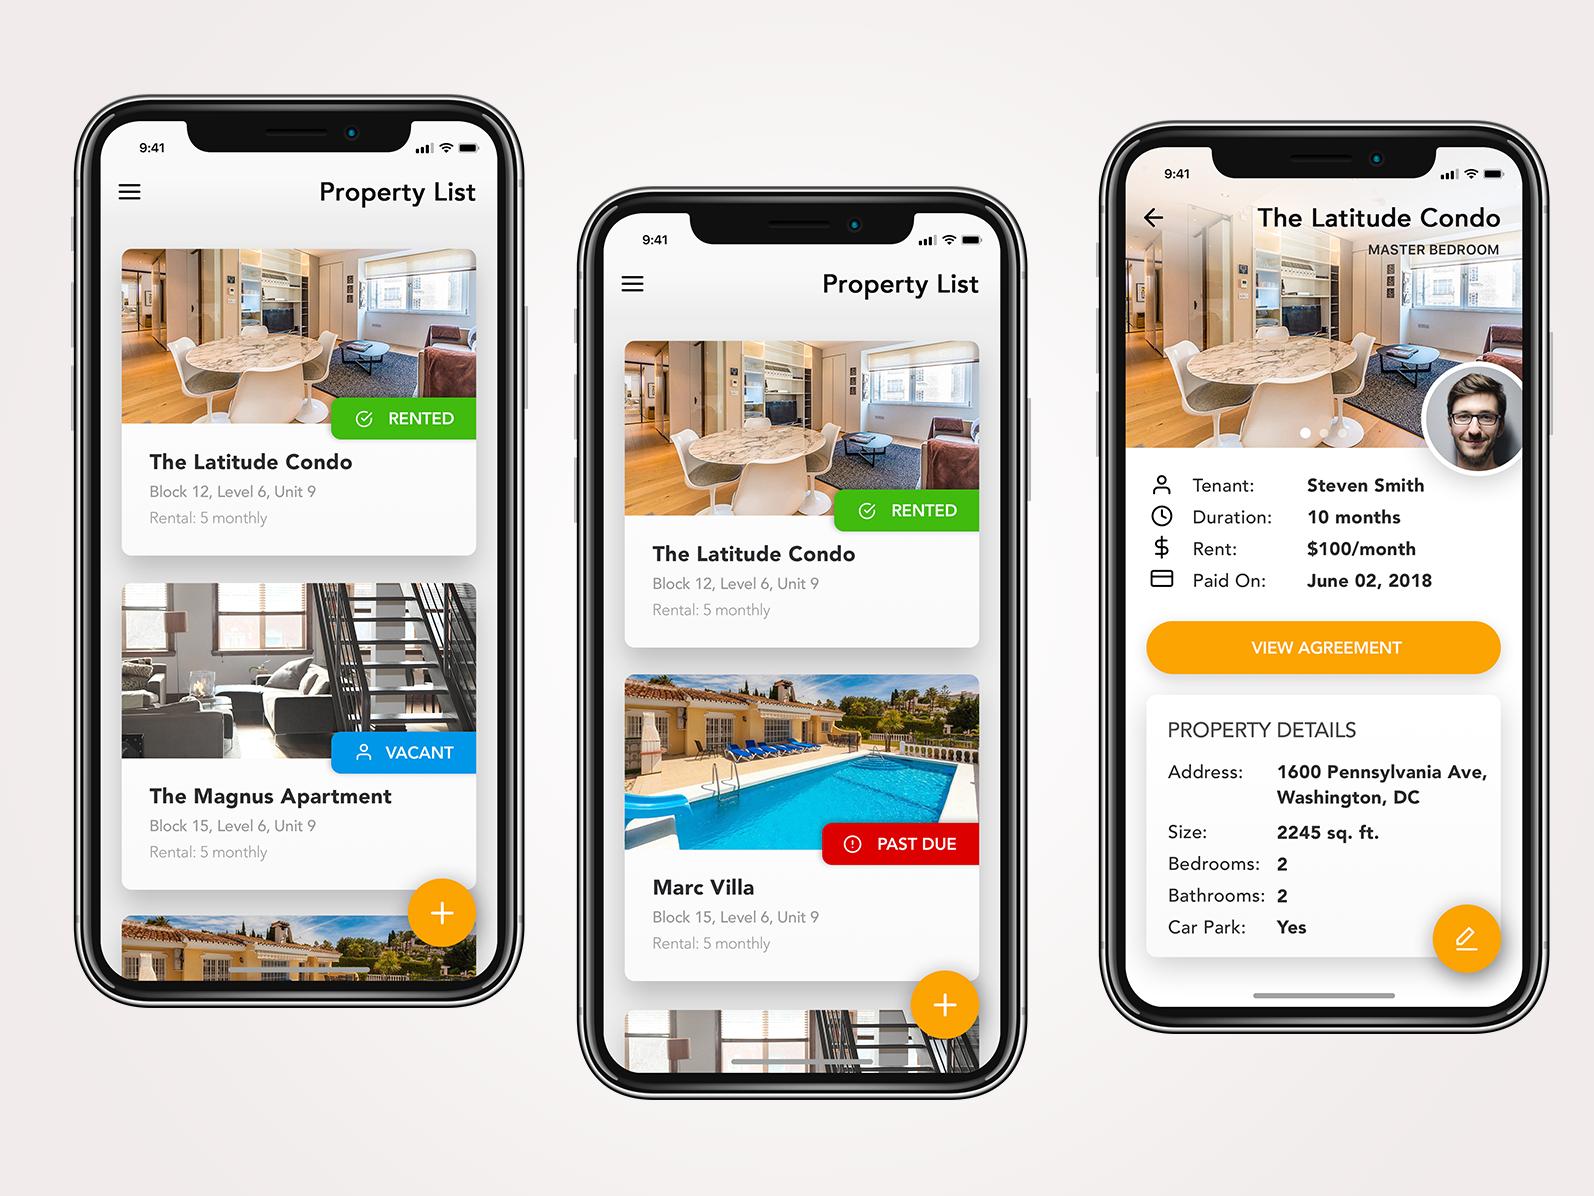 Property Listing Management App Concept iphone app design iphone app user inteface ux ui uiuxdesigner design app ui  ux design ui  ux ui desgin mobile uiux mobile app